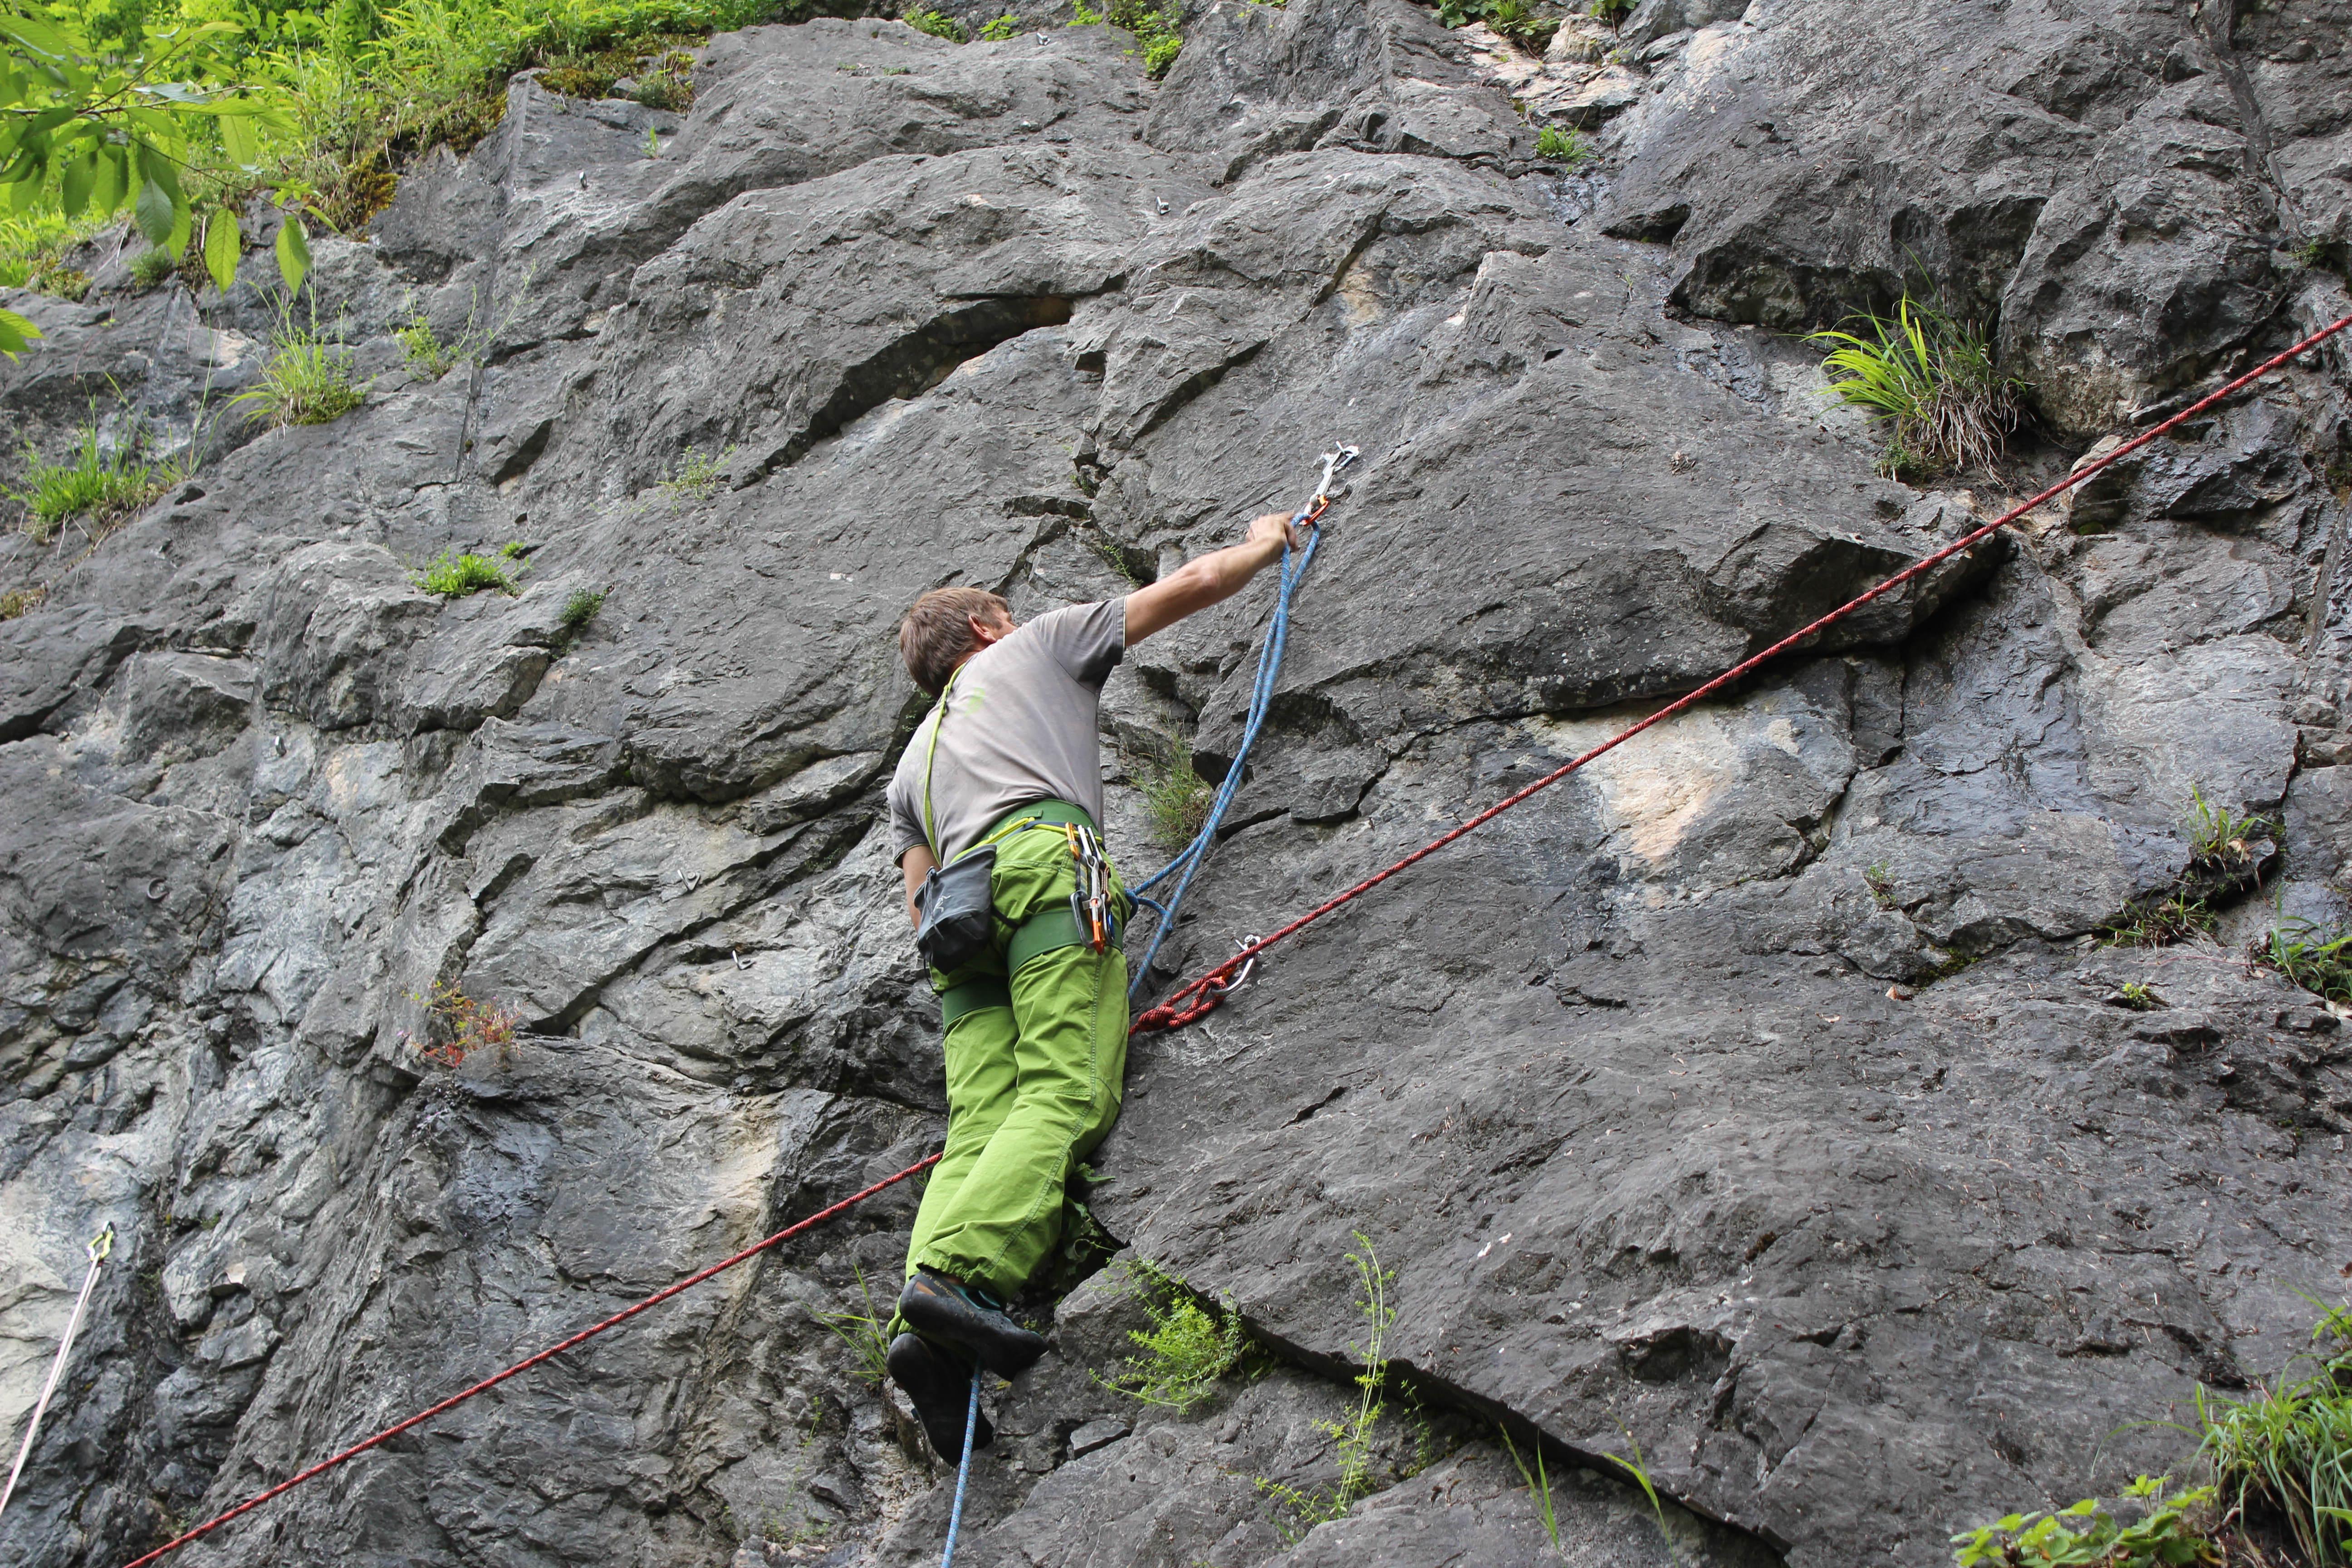 Klettergurt Herren Edelrider : Klettersteig intersport: grünstein variante isidor c